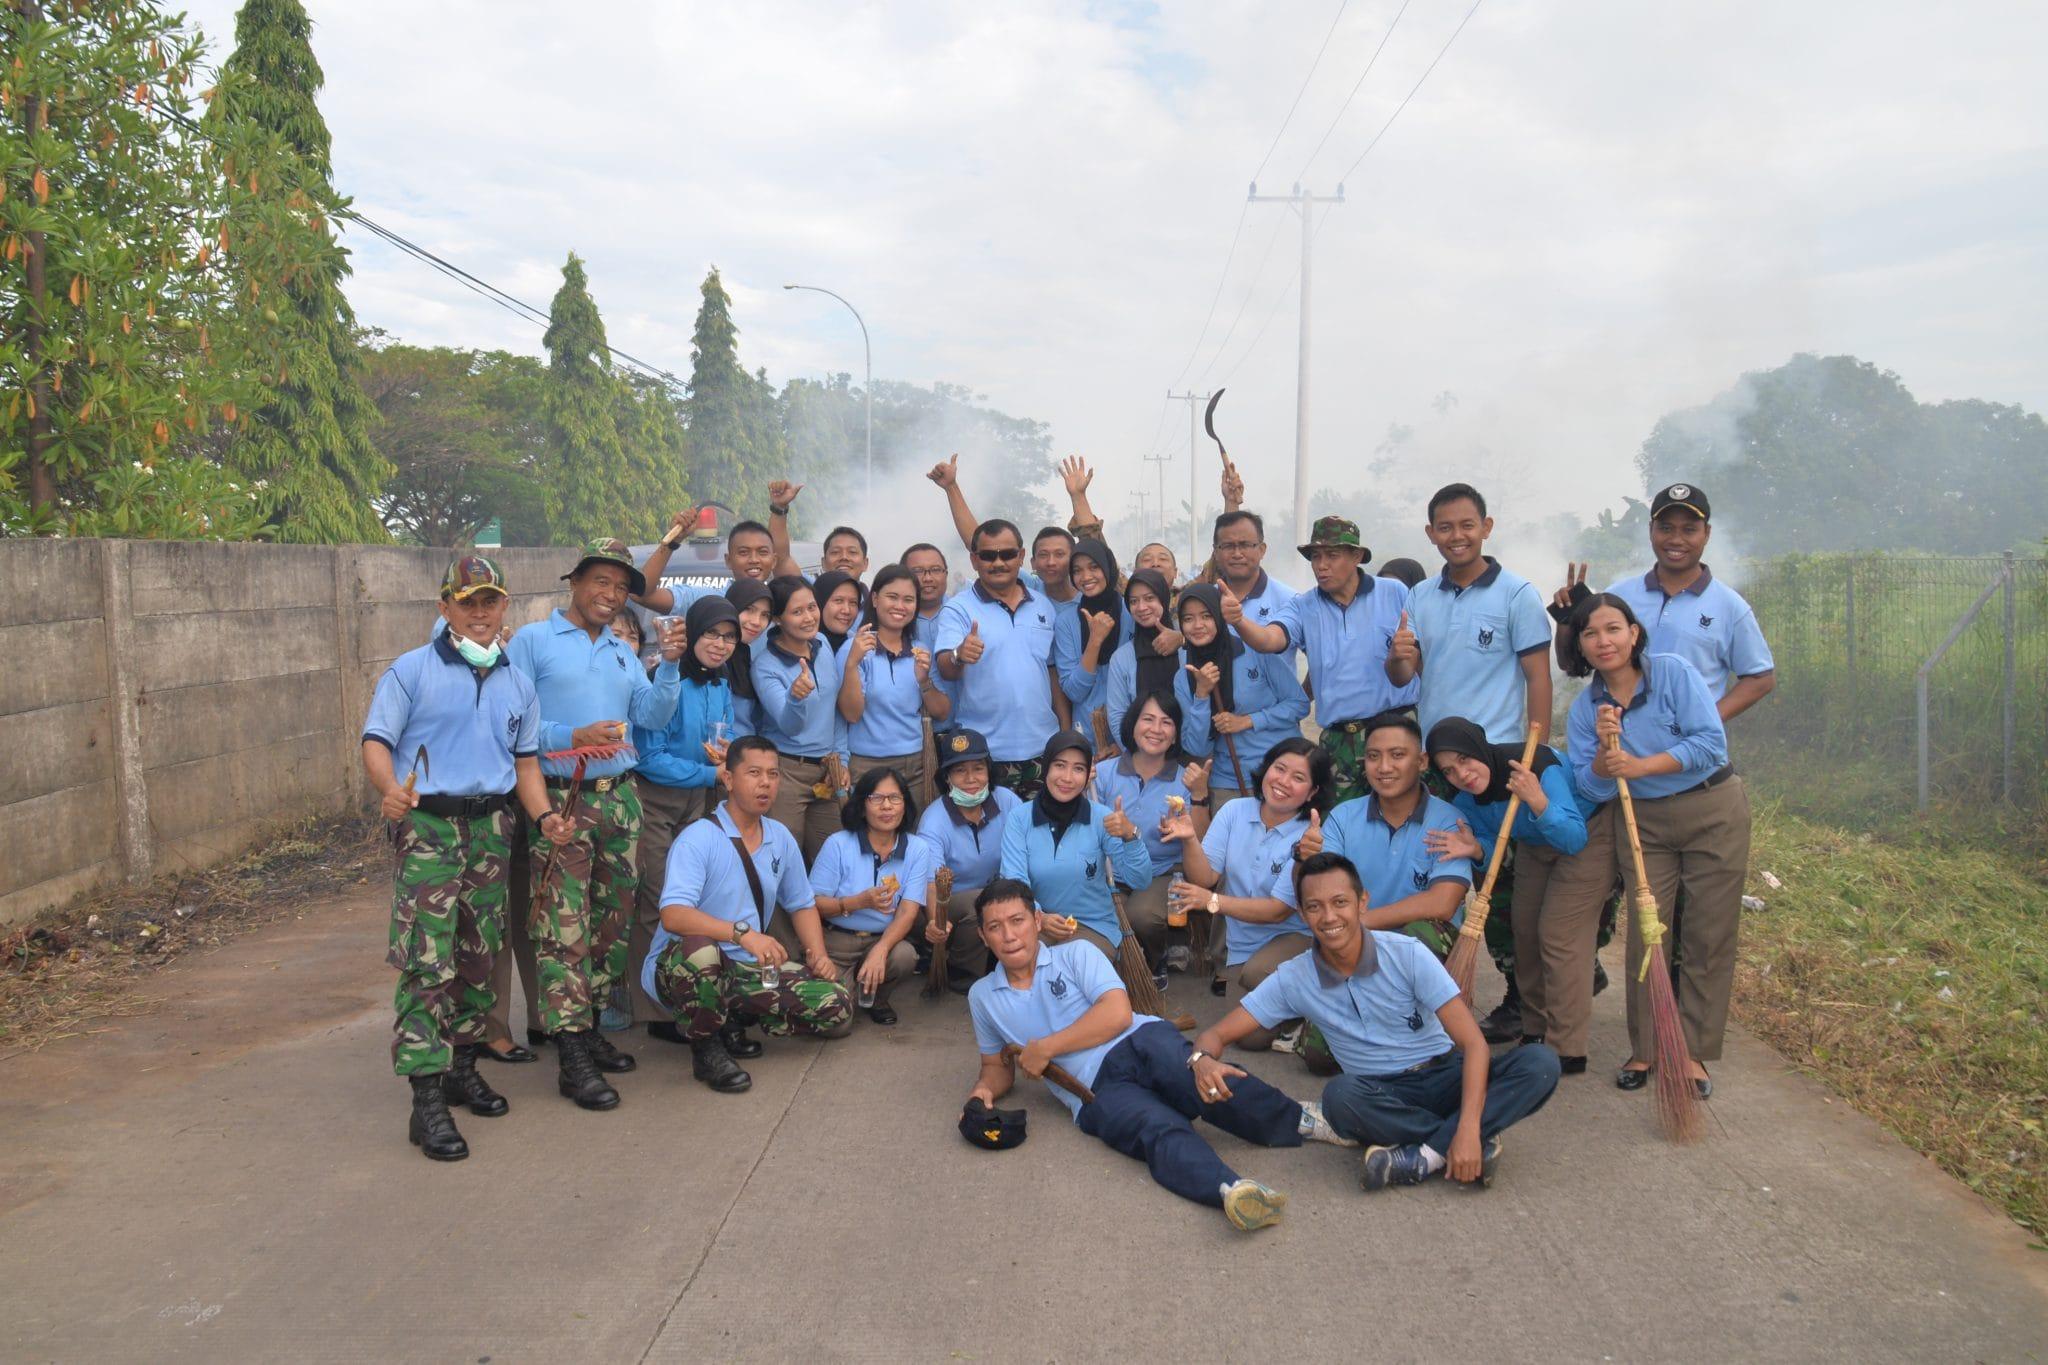 PERINGATI HARI BAKTI KE-70 TNI AULANUD SULTAN HASANUDDIN GELAR KARYA BAKTI